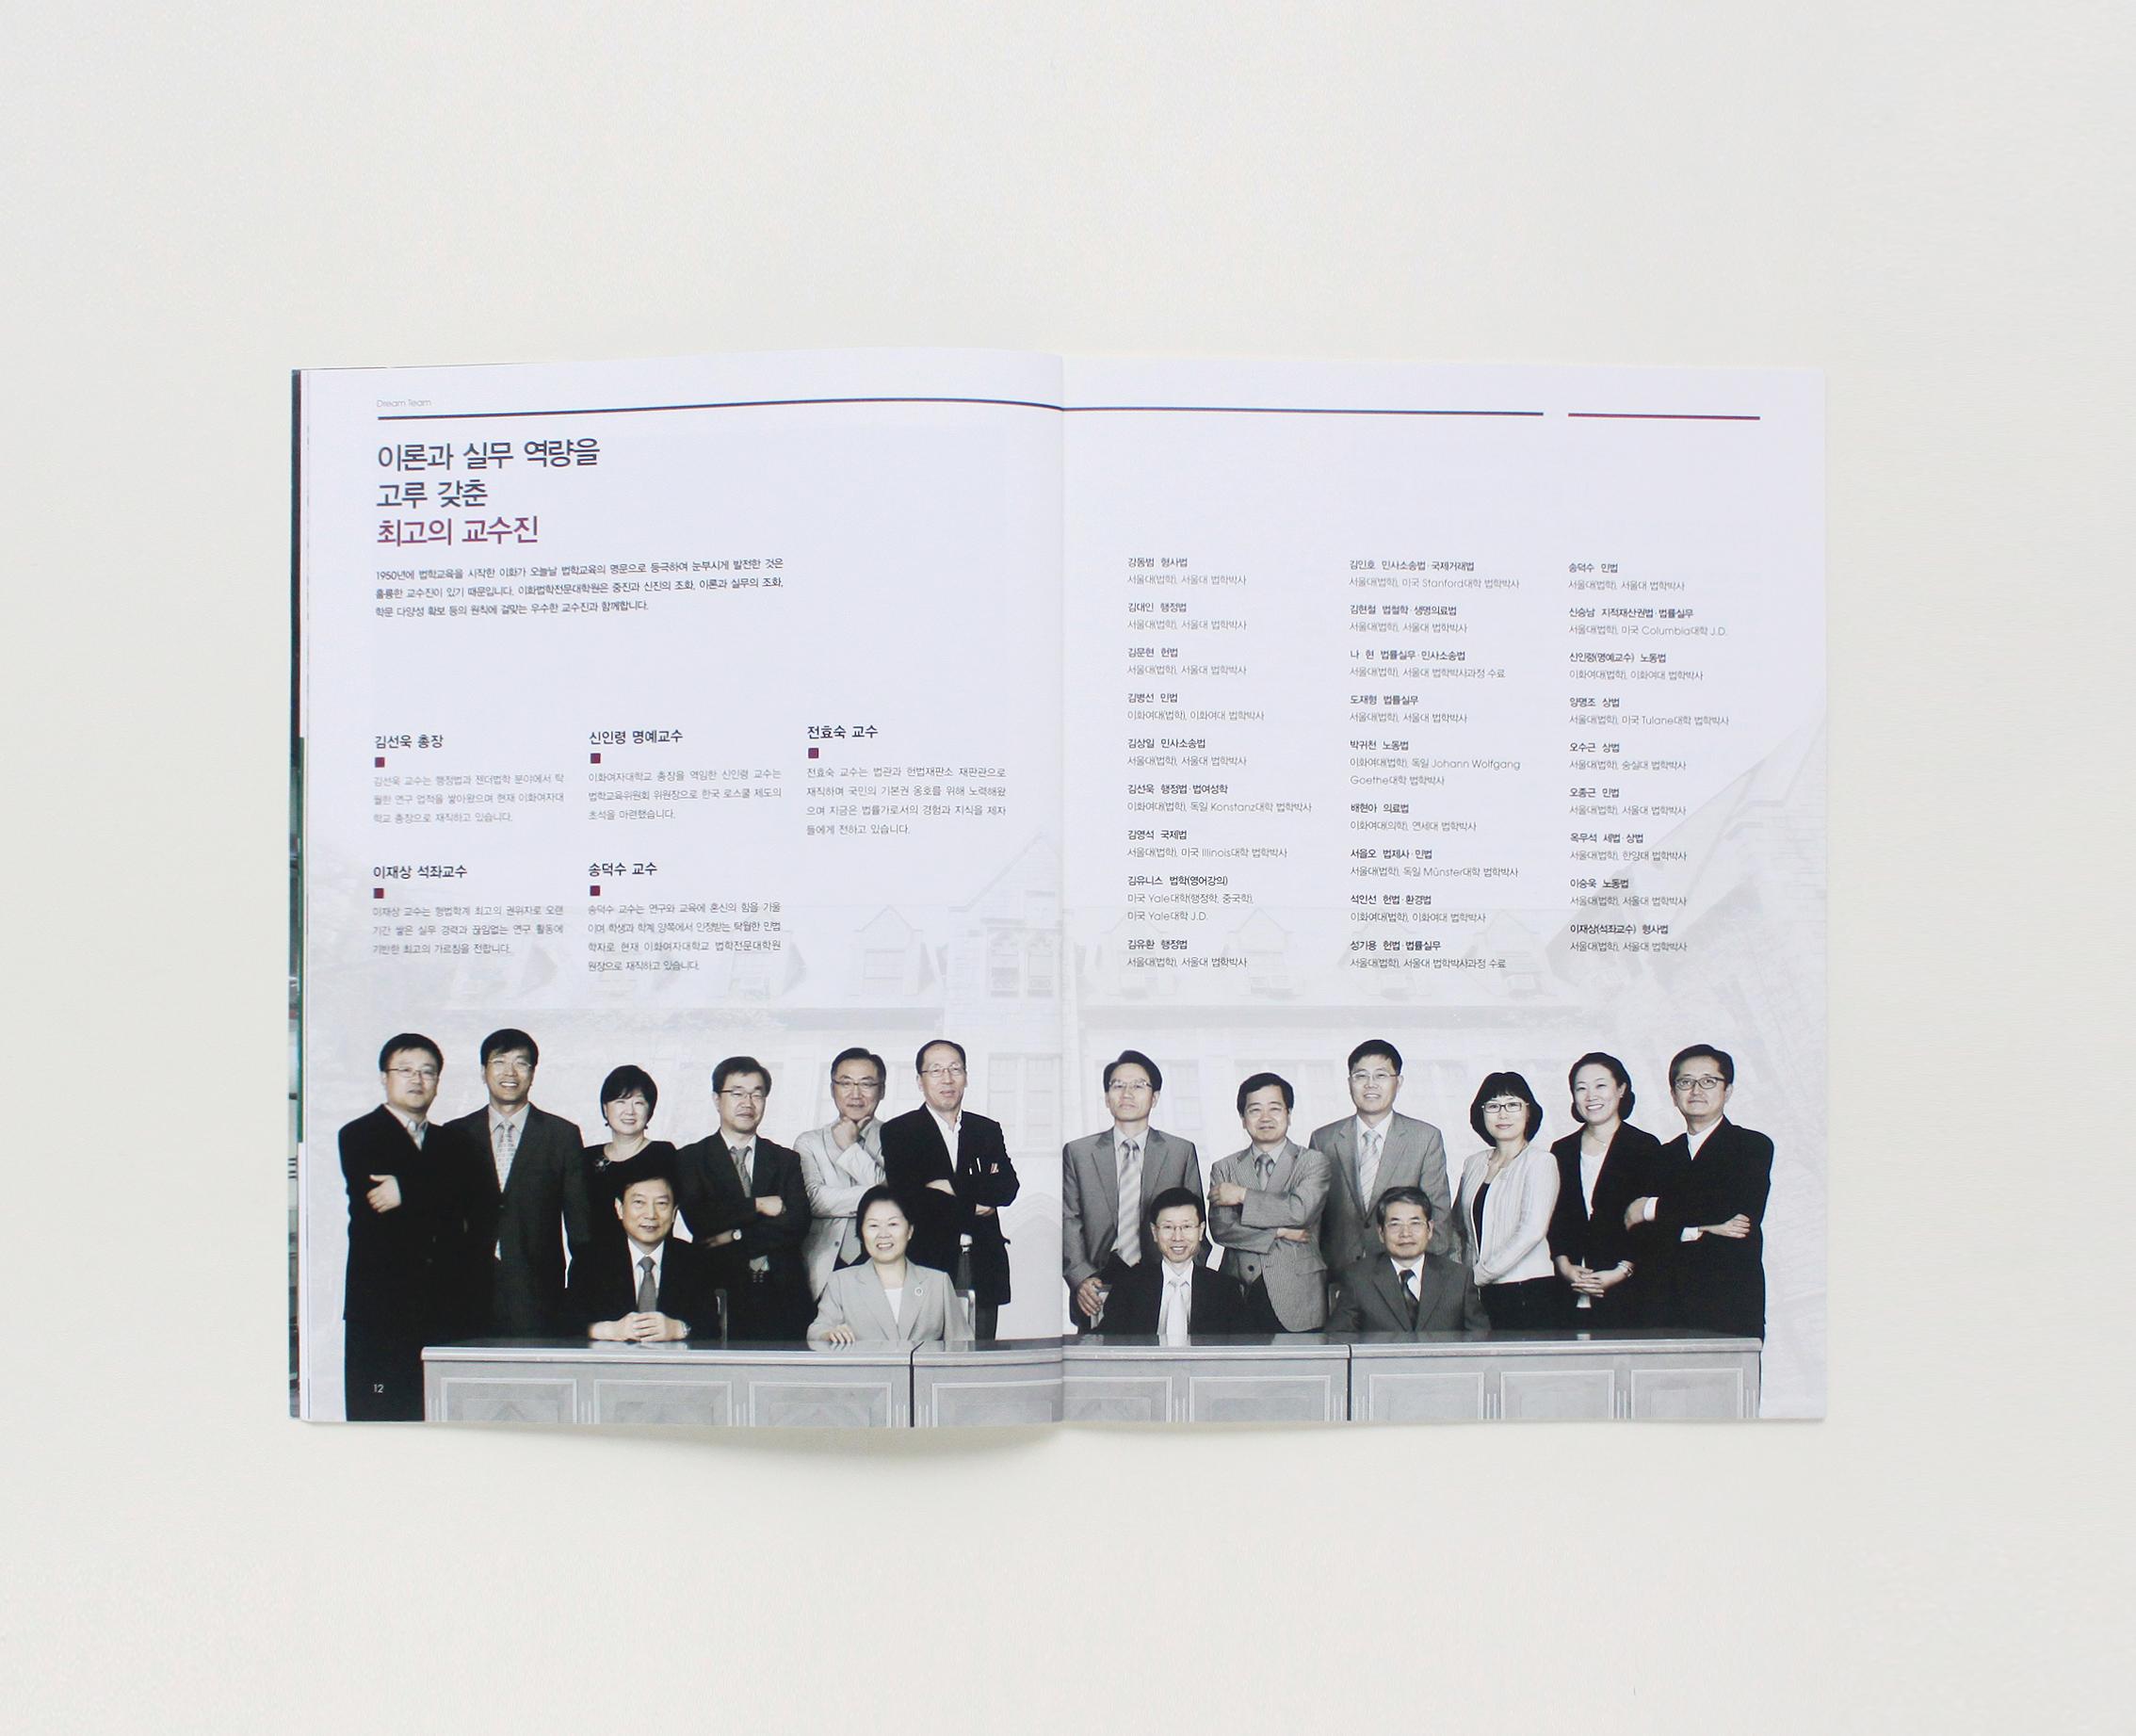 2012-이화법학전문대학원 (5)